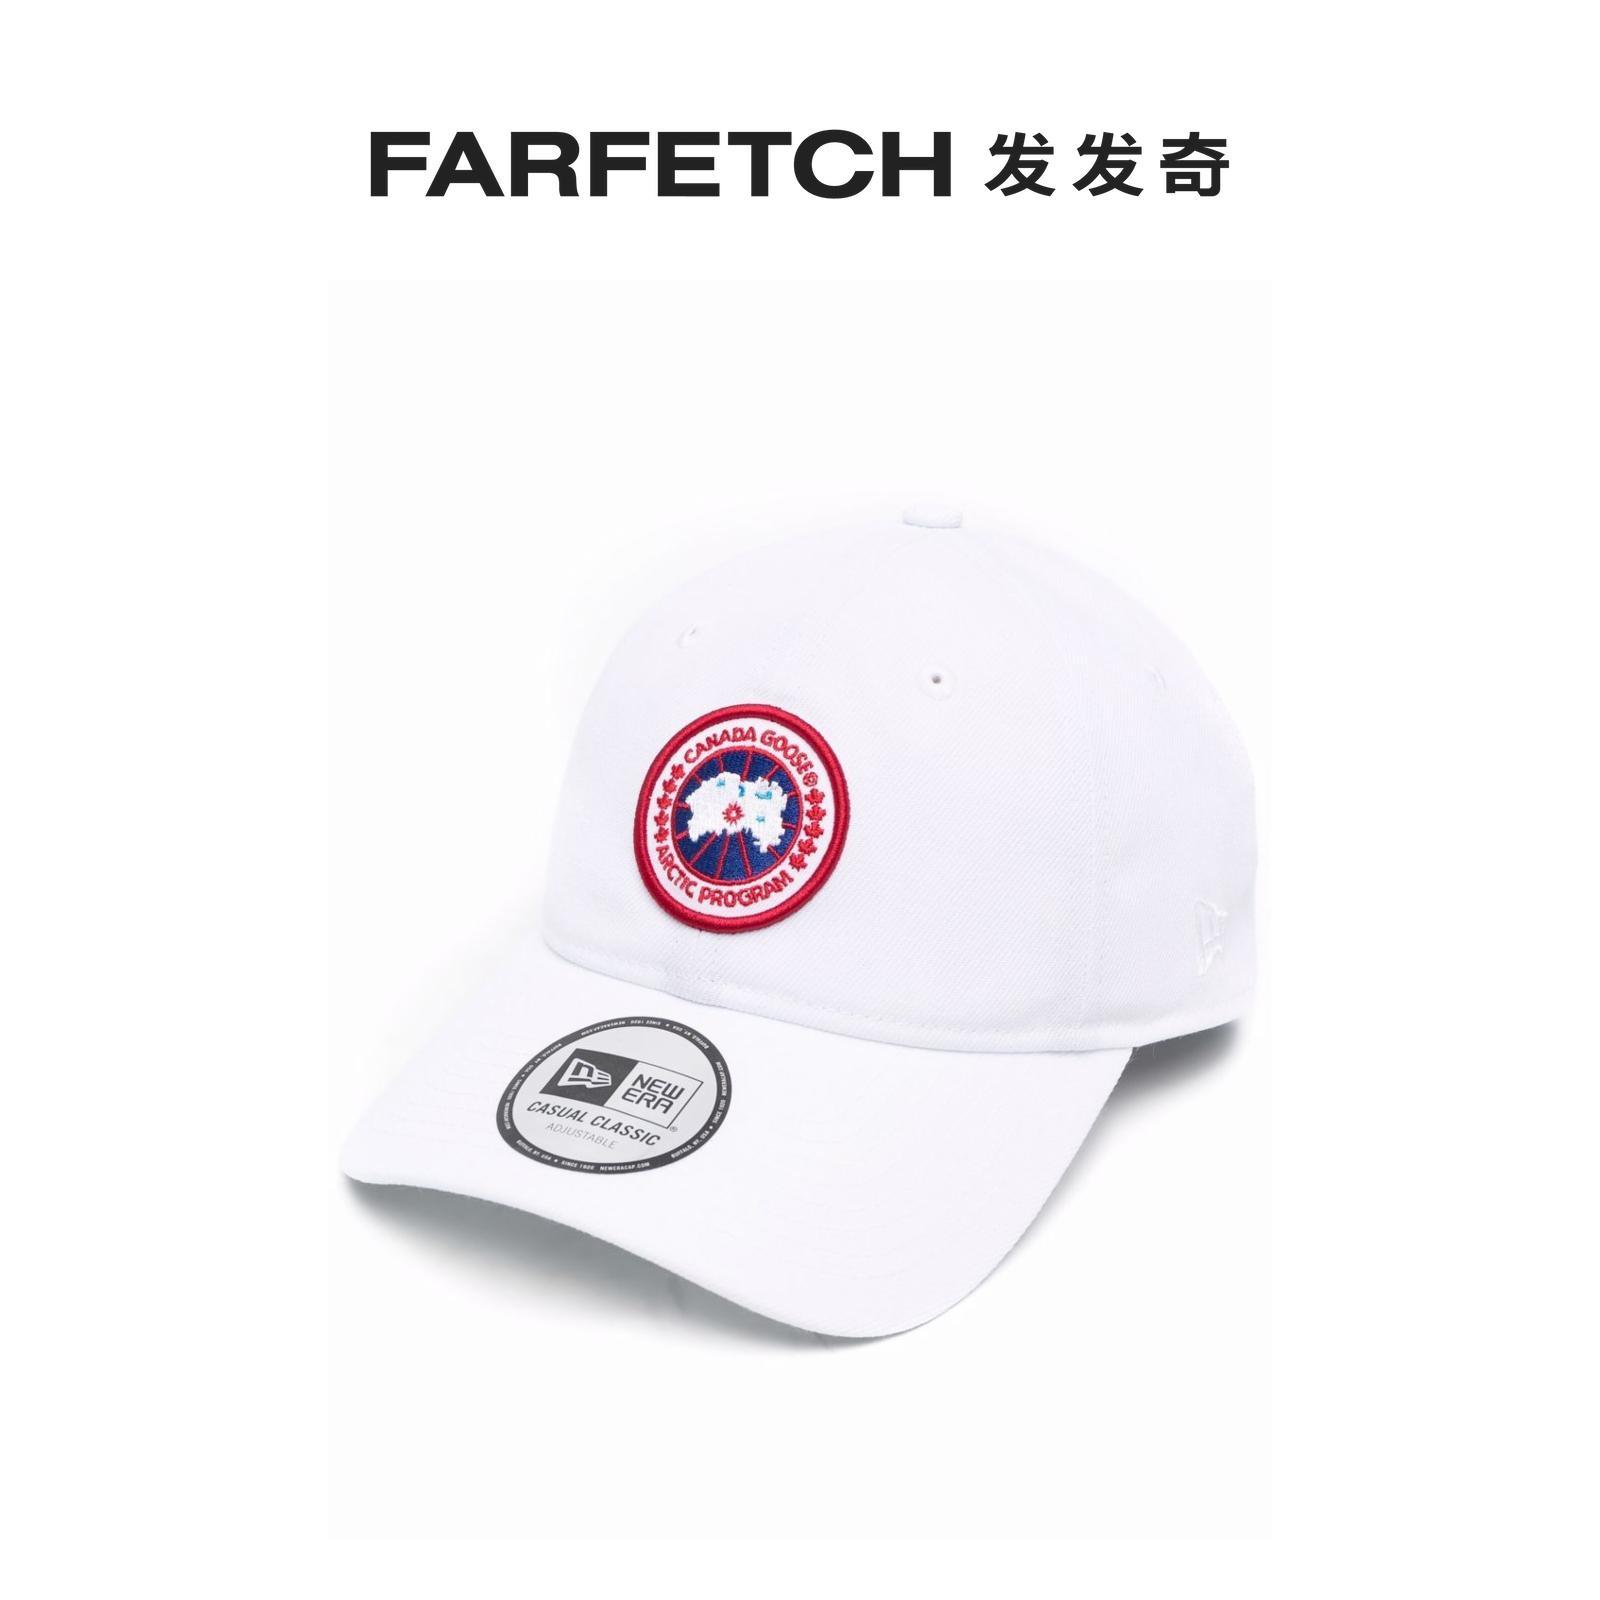 [新品]Canada Goose男女通用Arctic Disk 贴花棒球帽发发奇